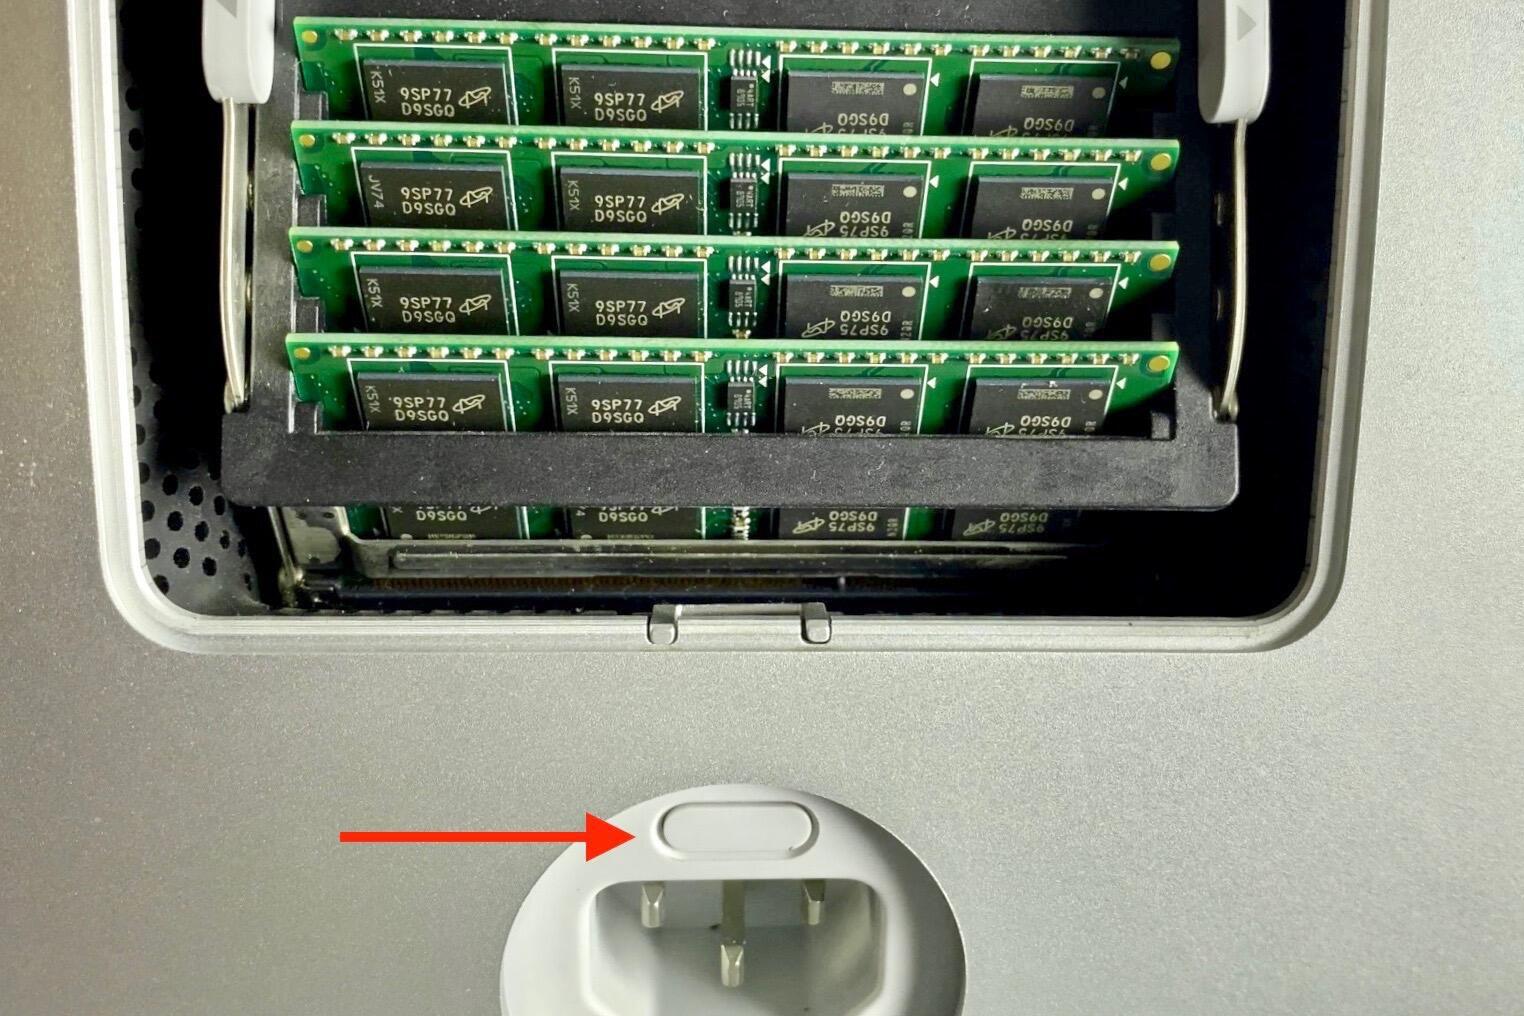 imac-ram-door-button-1